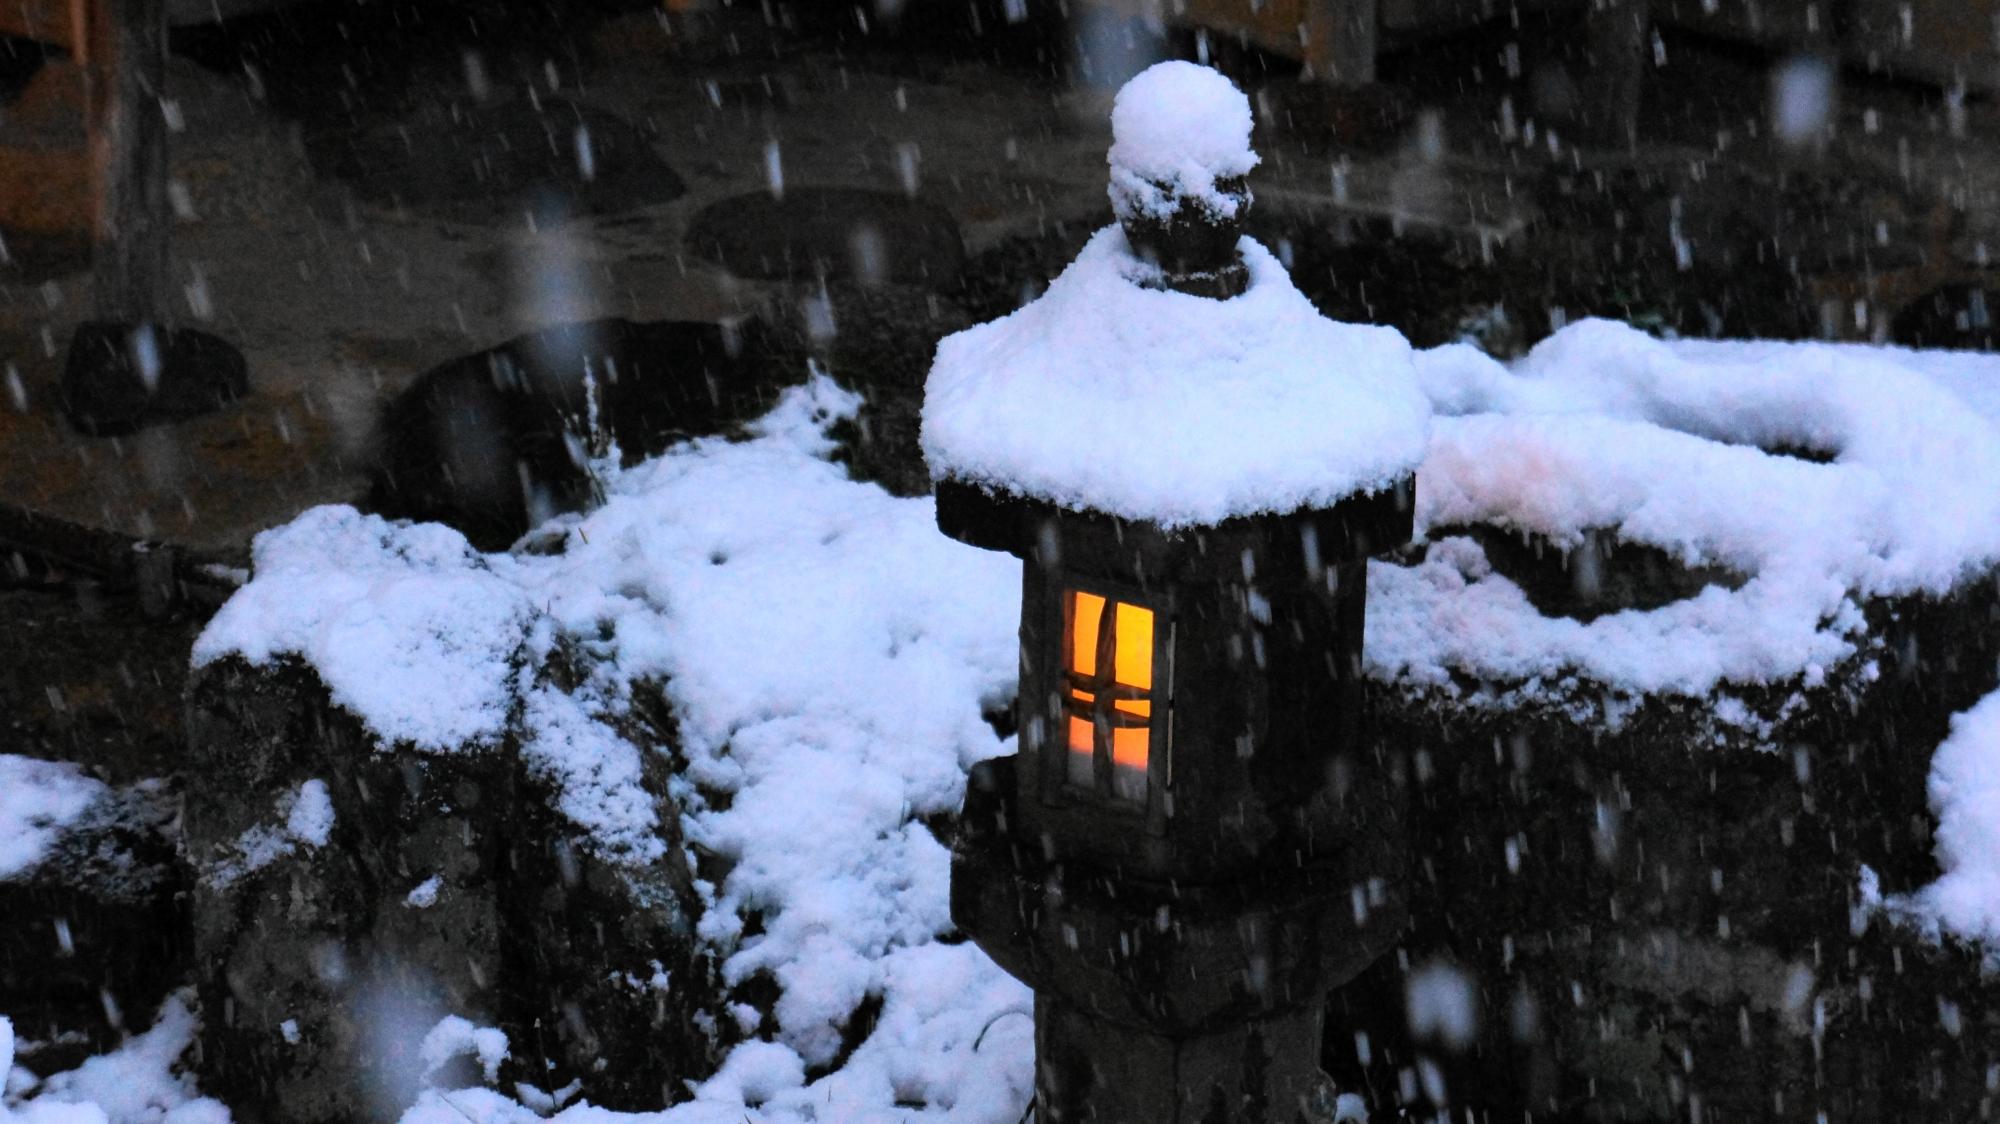 雪に埋もれそうな高台寺の小さな蟷螂